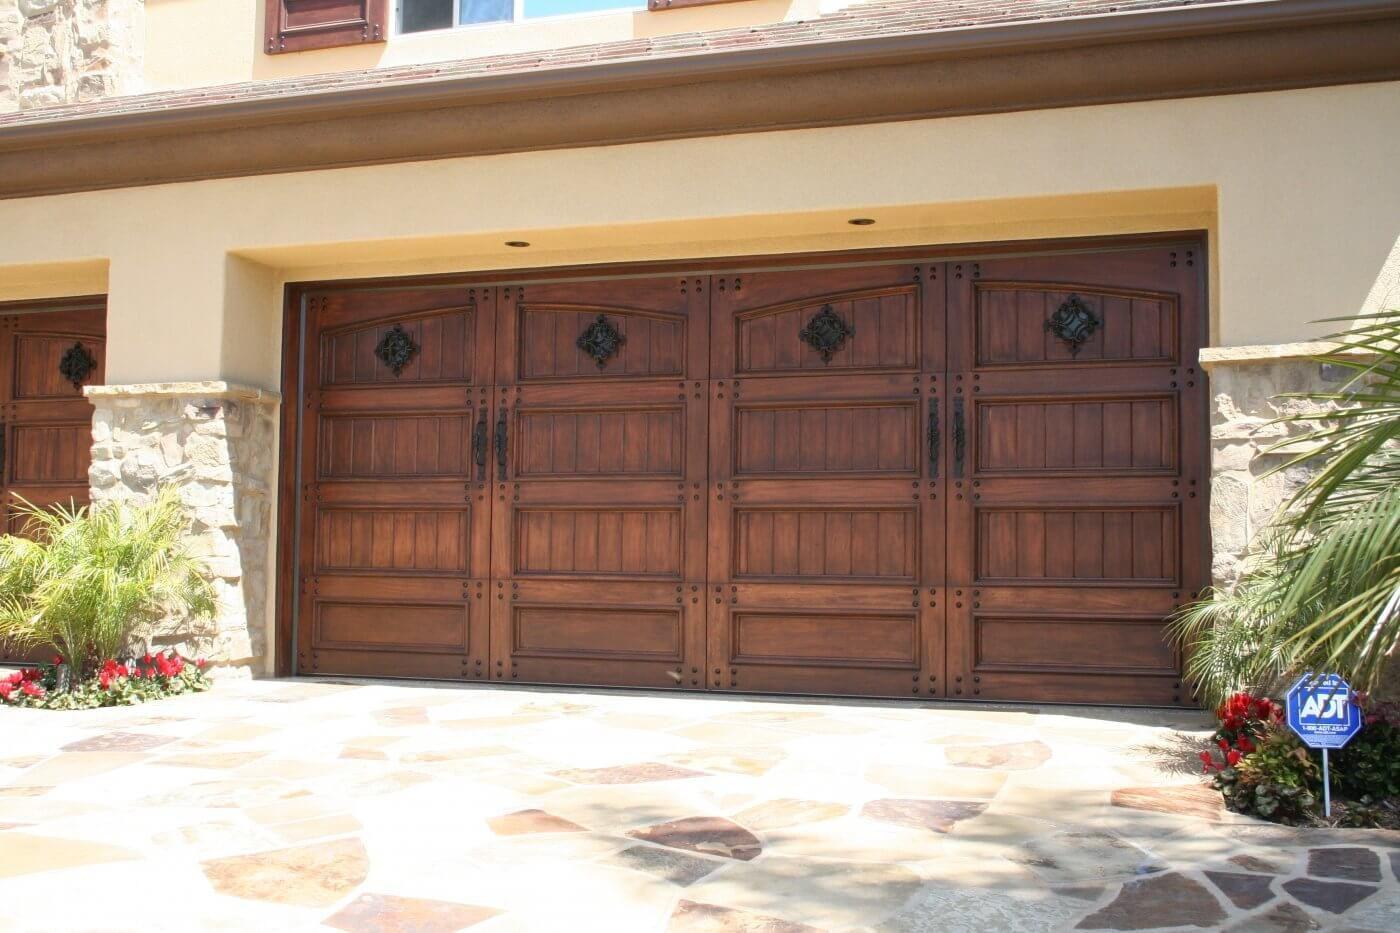 Garage Door Repair Service Garage Door Replacement In Ca Garage Doors Garage Door Replacement Garage Door Styles